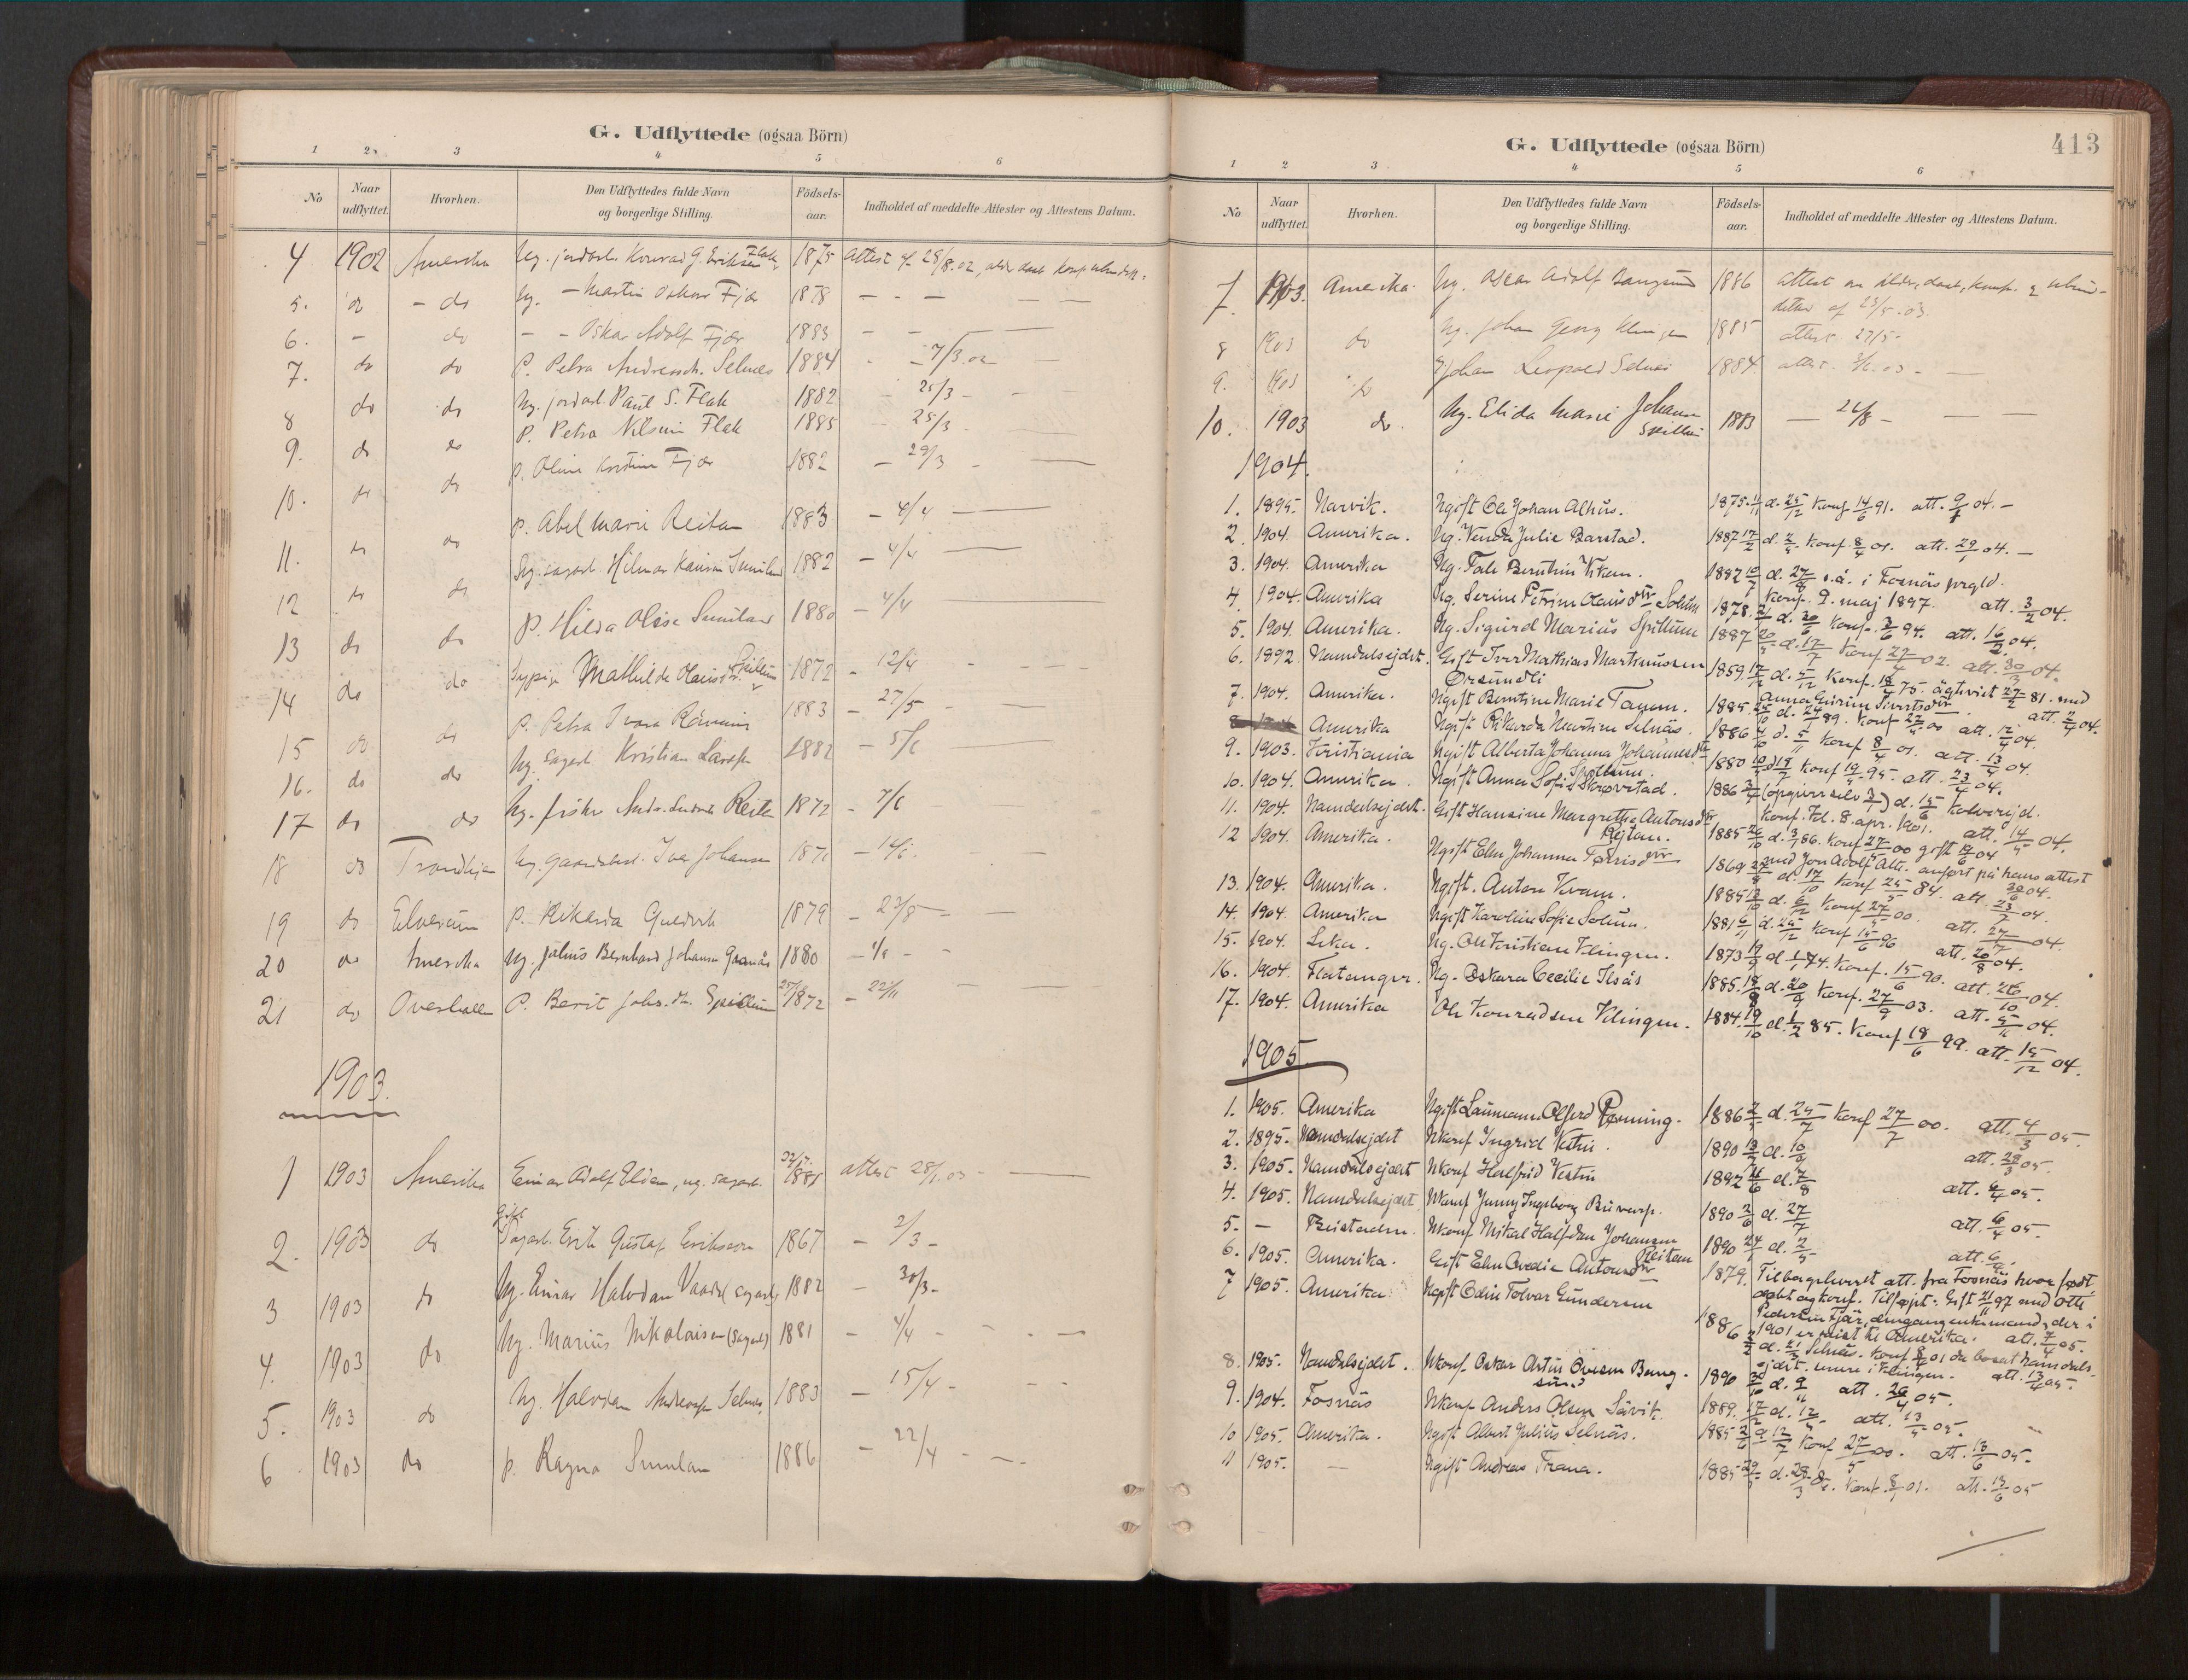 SAT, Ministerialprotokoller, klokkerbøker og fødselsregistre - Nord-Trøndelag, 770/L0589: Ministerialbok nr. 770A03, 1887-1929, s. 413